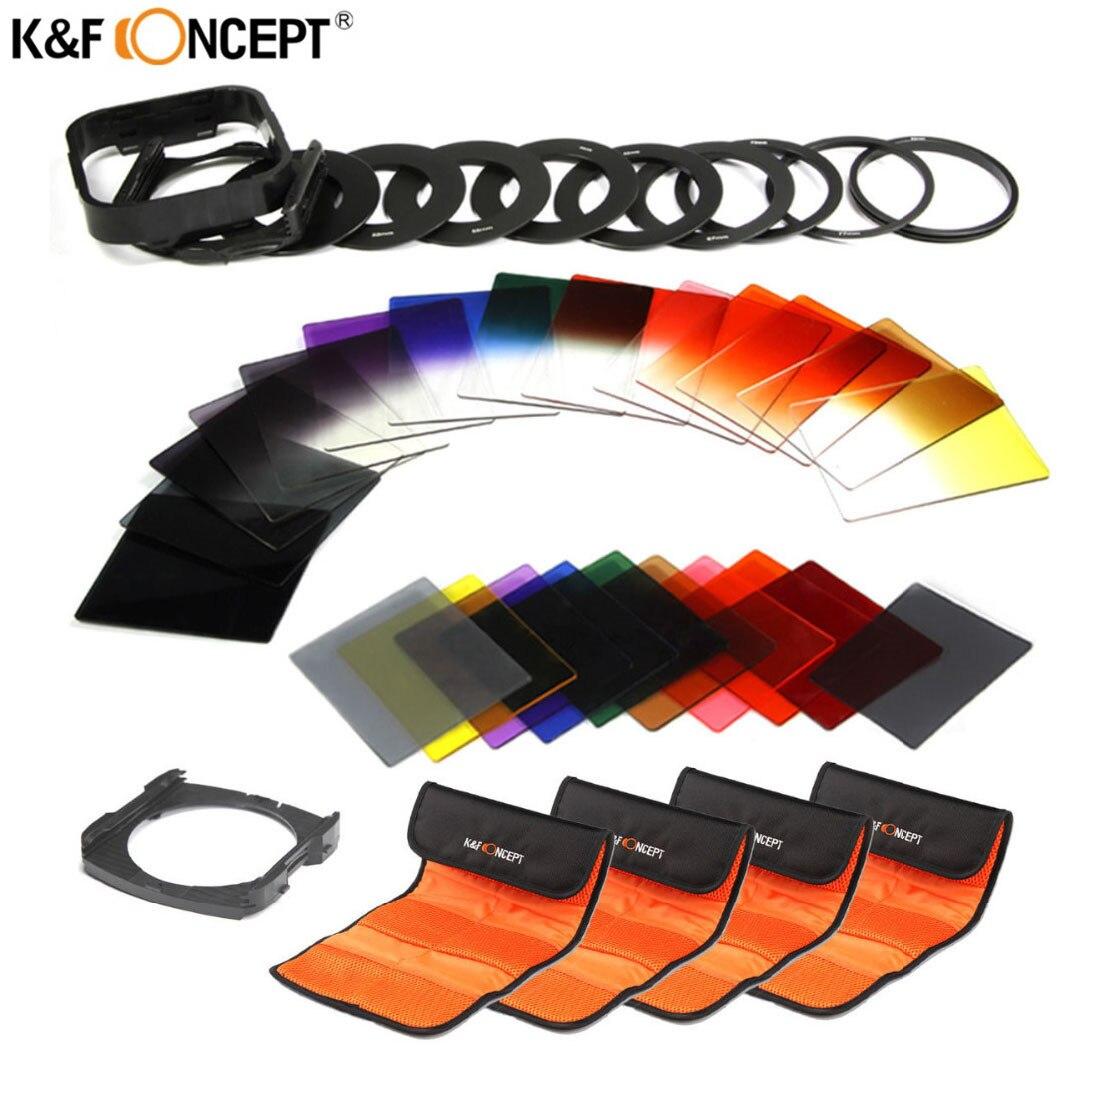 K & F CONCEPT 40 In1 ND2 ND4 Fader Progressive Gris Couleur Lentille Filtre ensemble Pour Canon 600d 700d Nikon D3100 D3300 SONY SLR DSLR Caméra